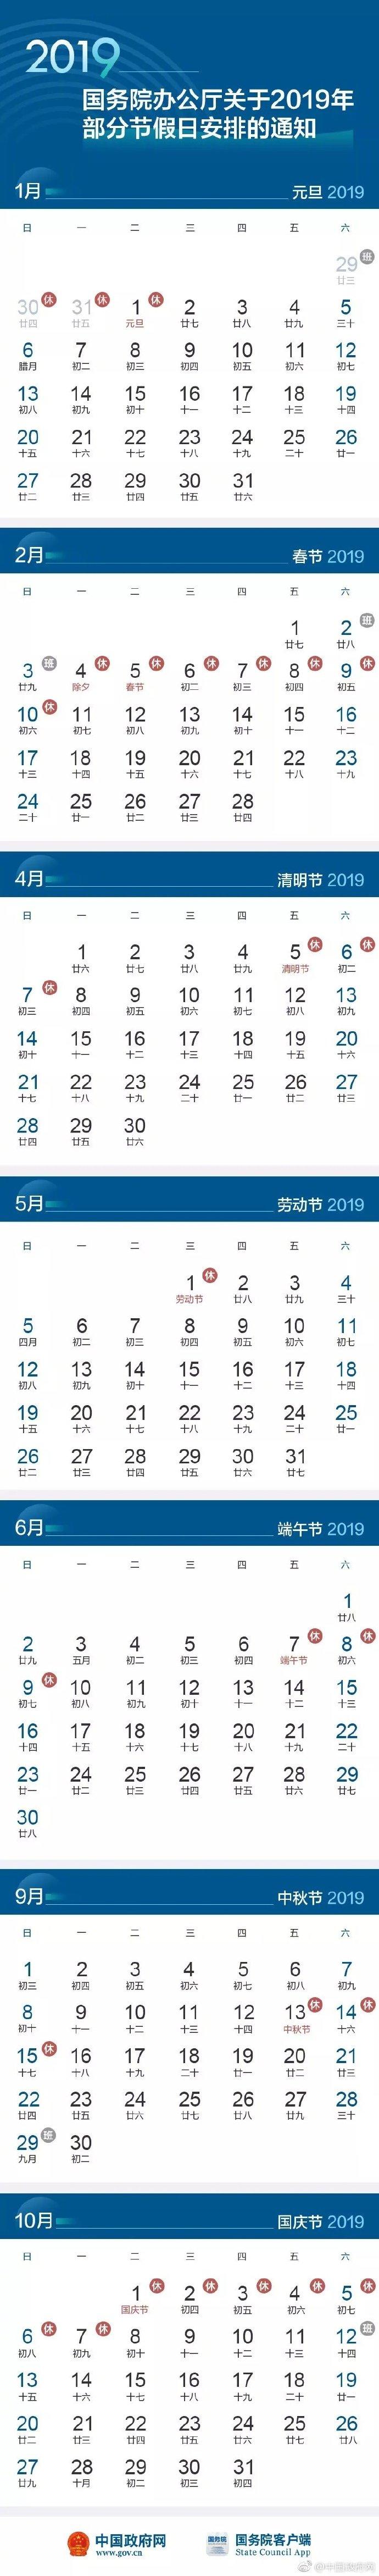 官宣!2019年部分节假日放假安排正式公布